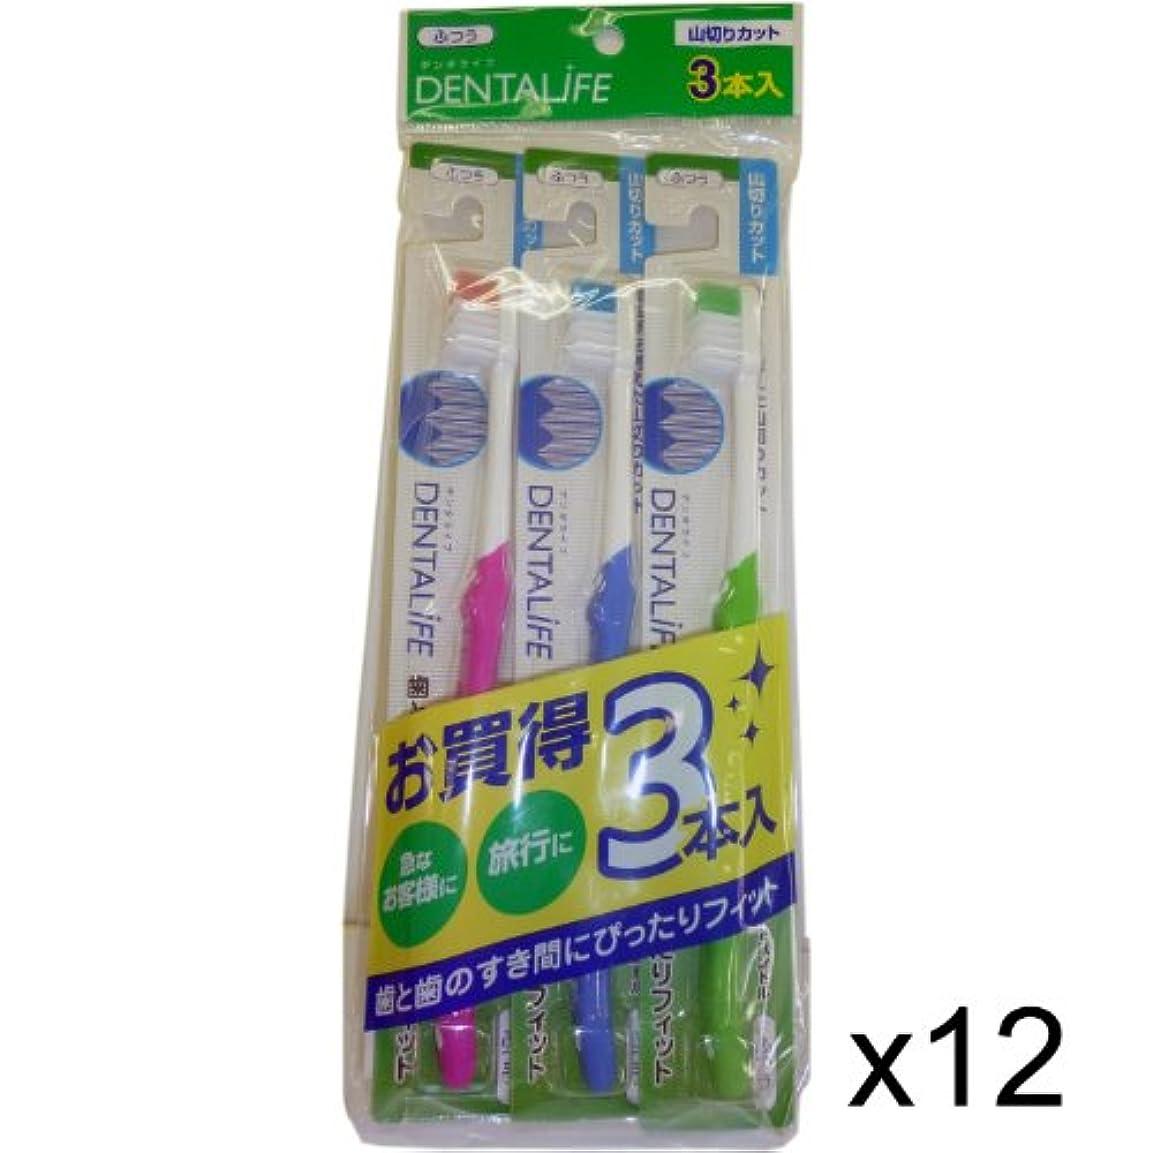 検索エンジン最適化ボード虹お徳用 DELTALIFE(デンタライフ)山切り歯ブラシ ふつう 3P×12ヶセット(36本)